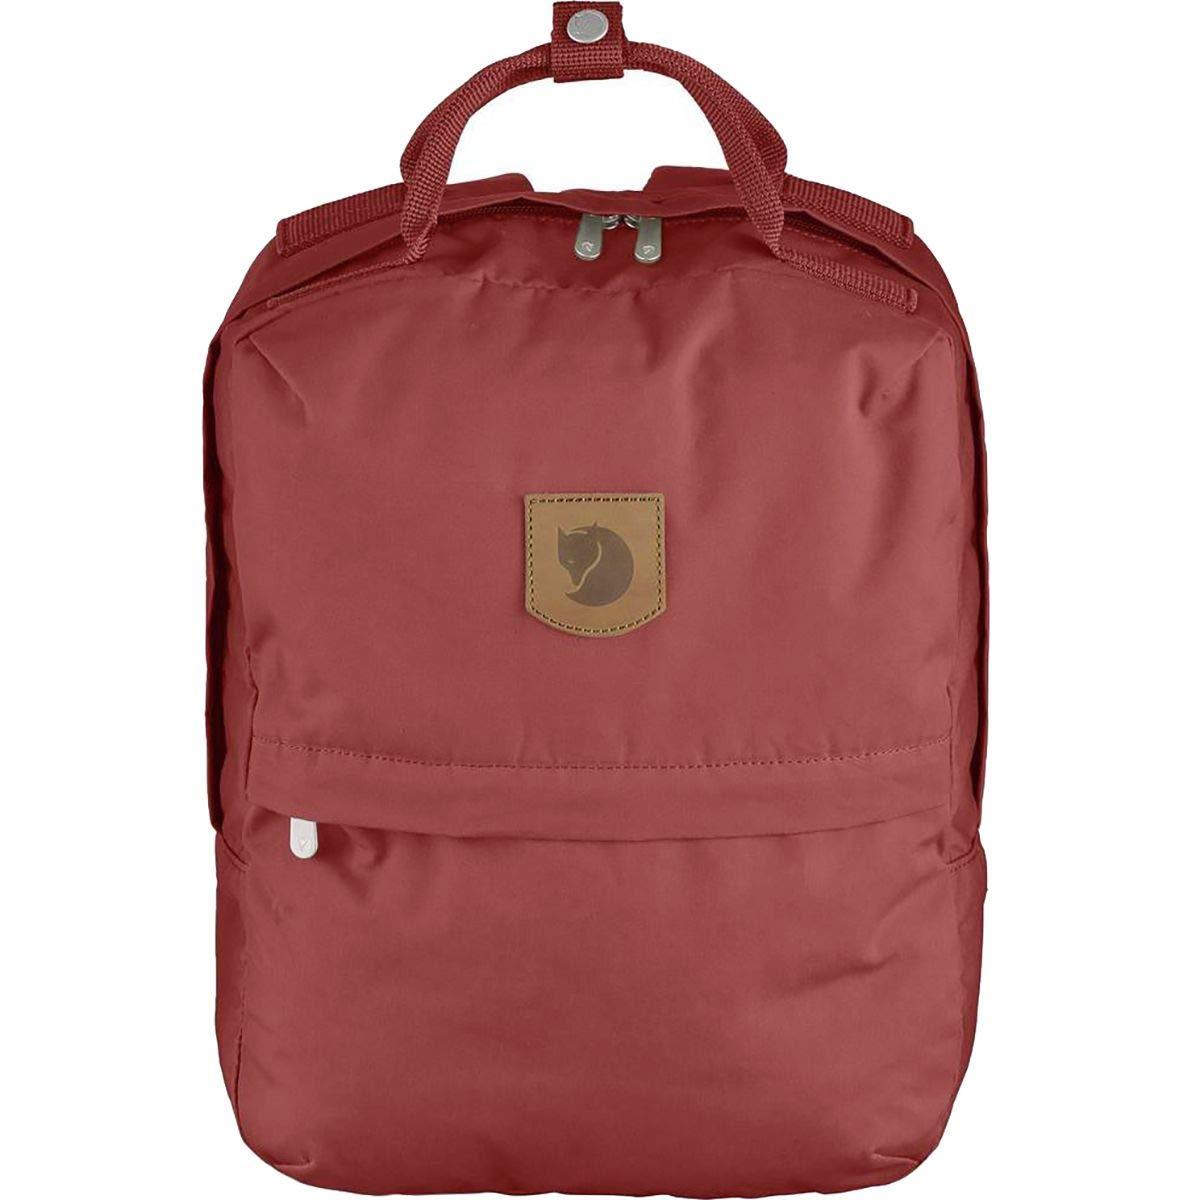 [フェールラーベン] メンズ バックパックリュックサック Greenland Zip Backpack [並行輸入品] Regular  B07JZ55LW9